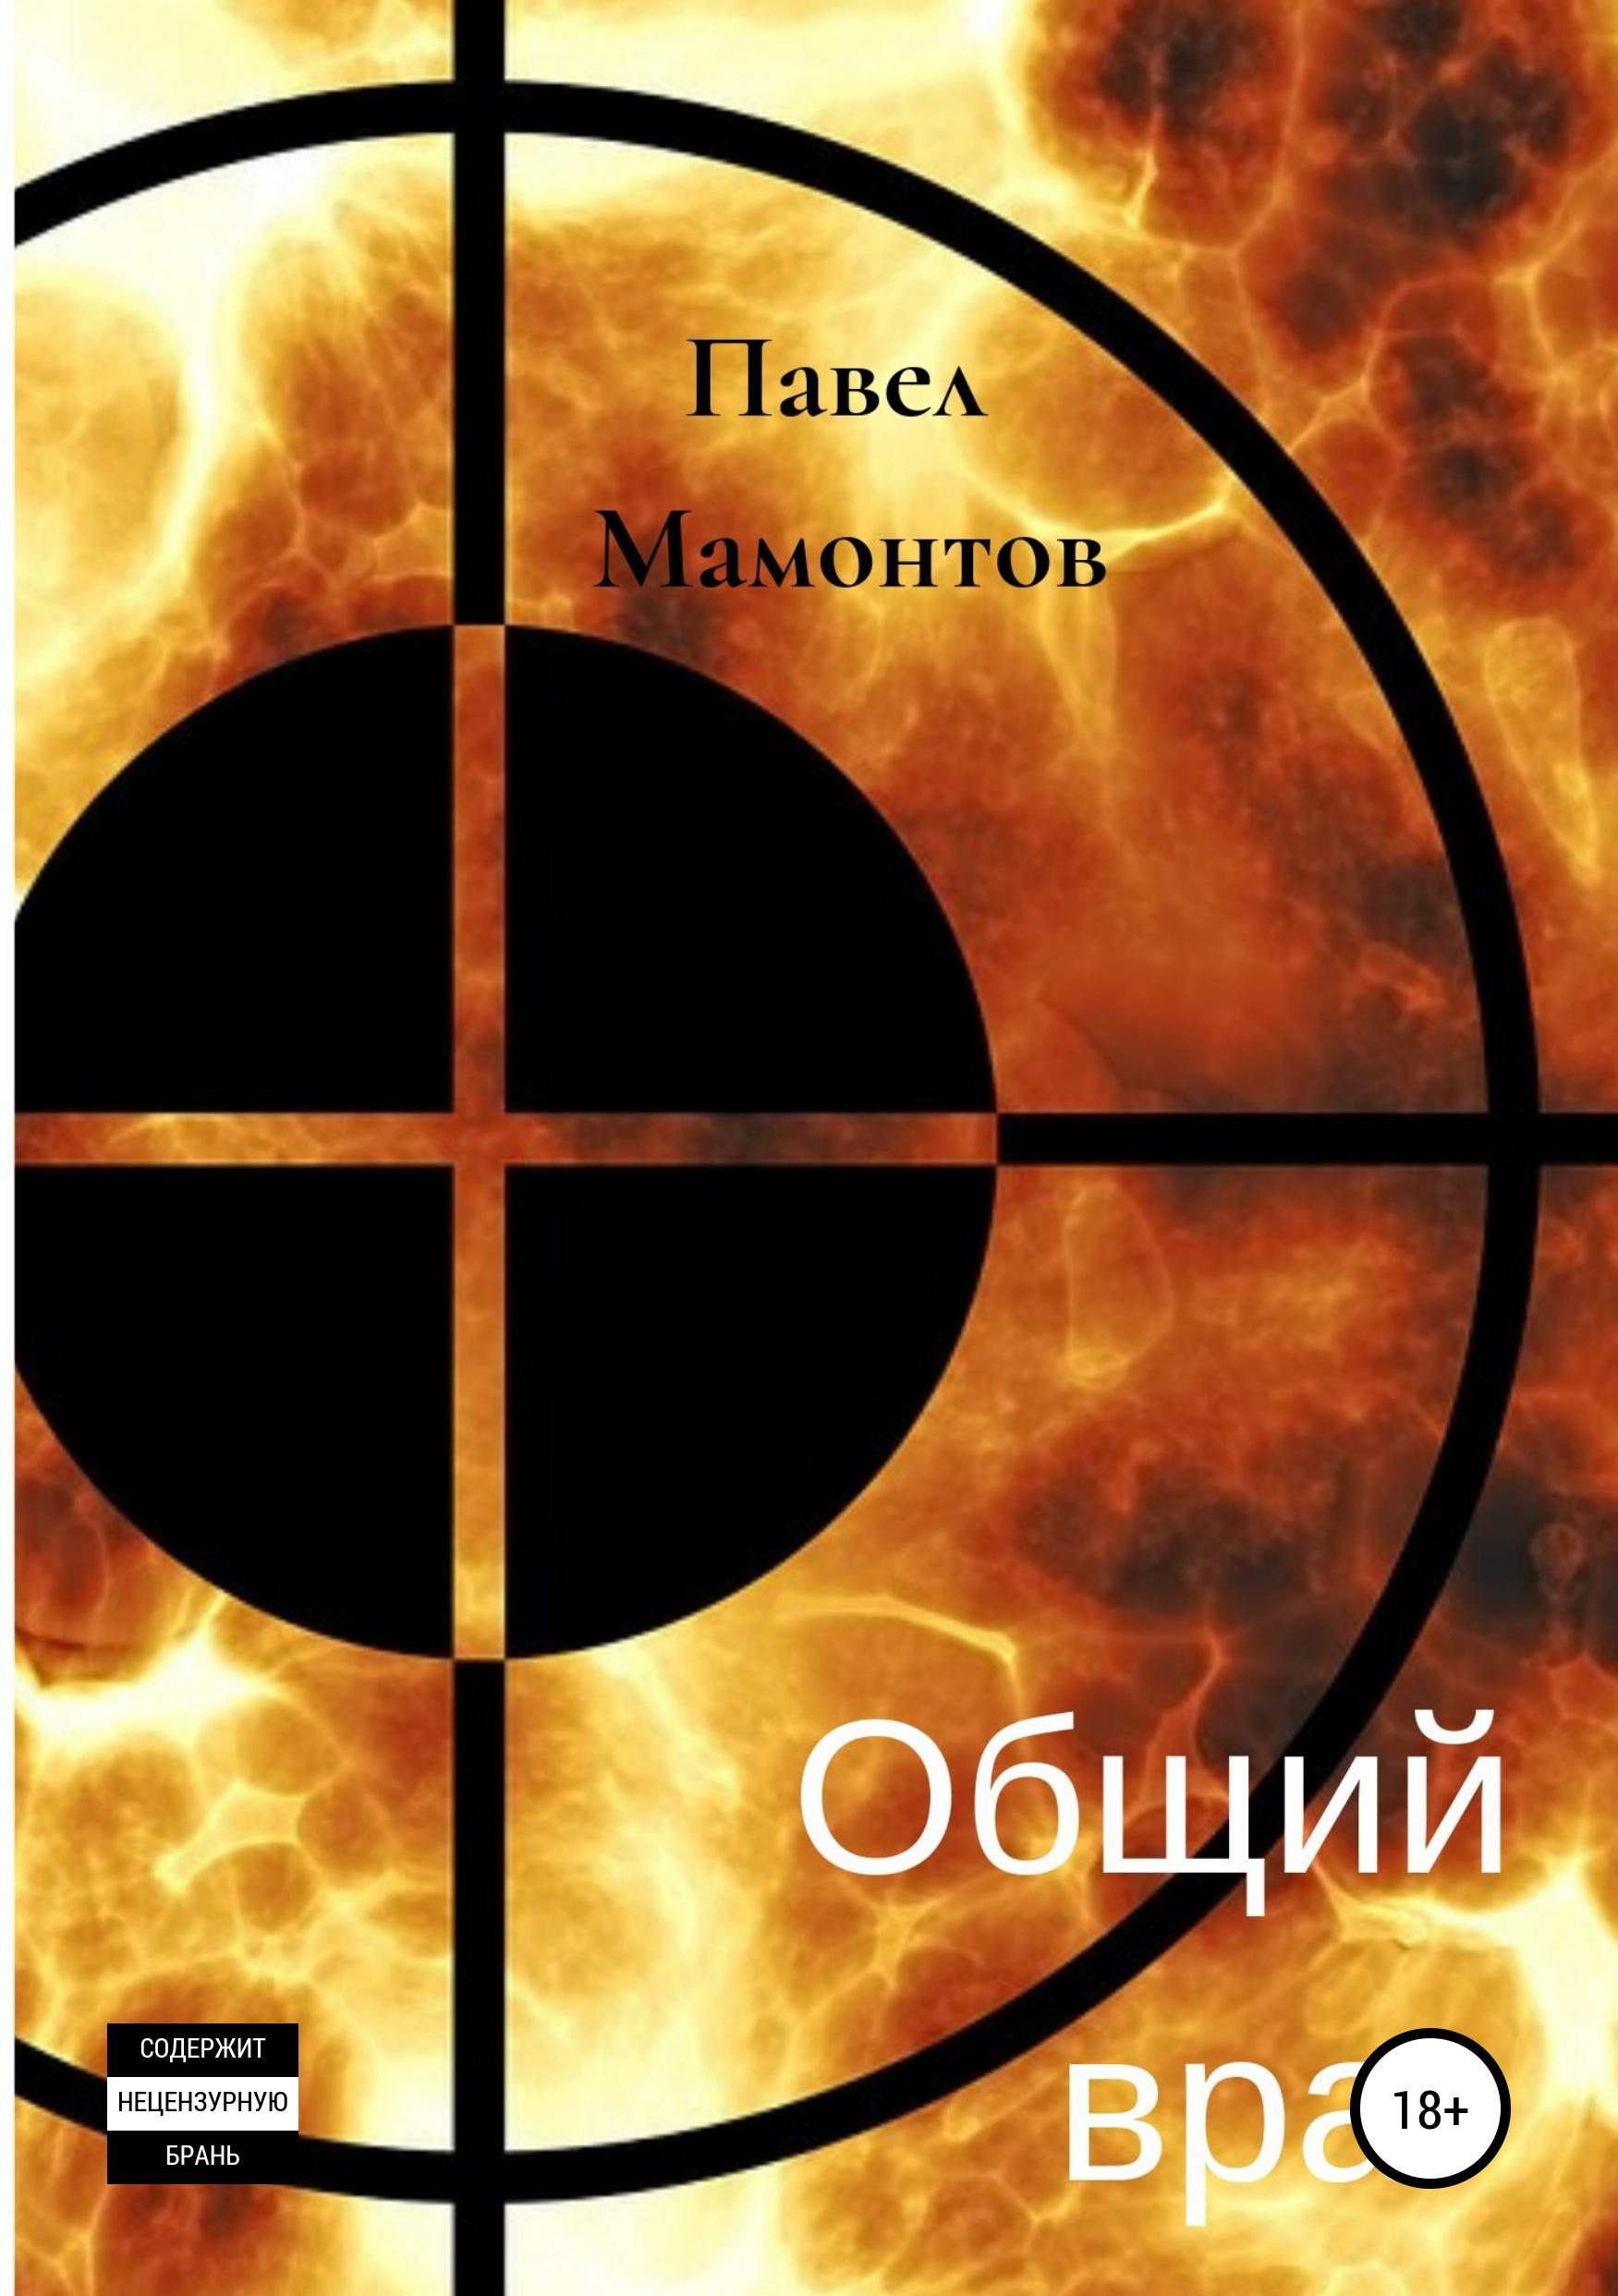 Электронная книга «Общий враг» – Павел Мамонтов